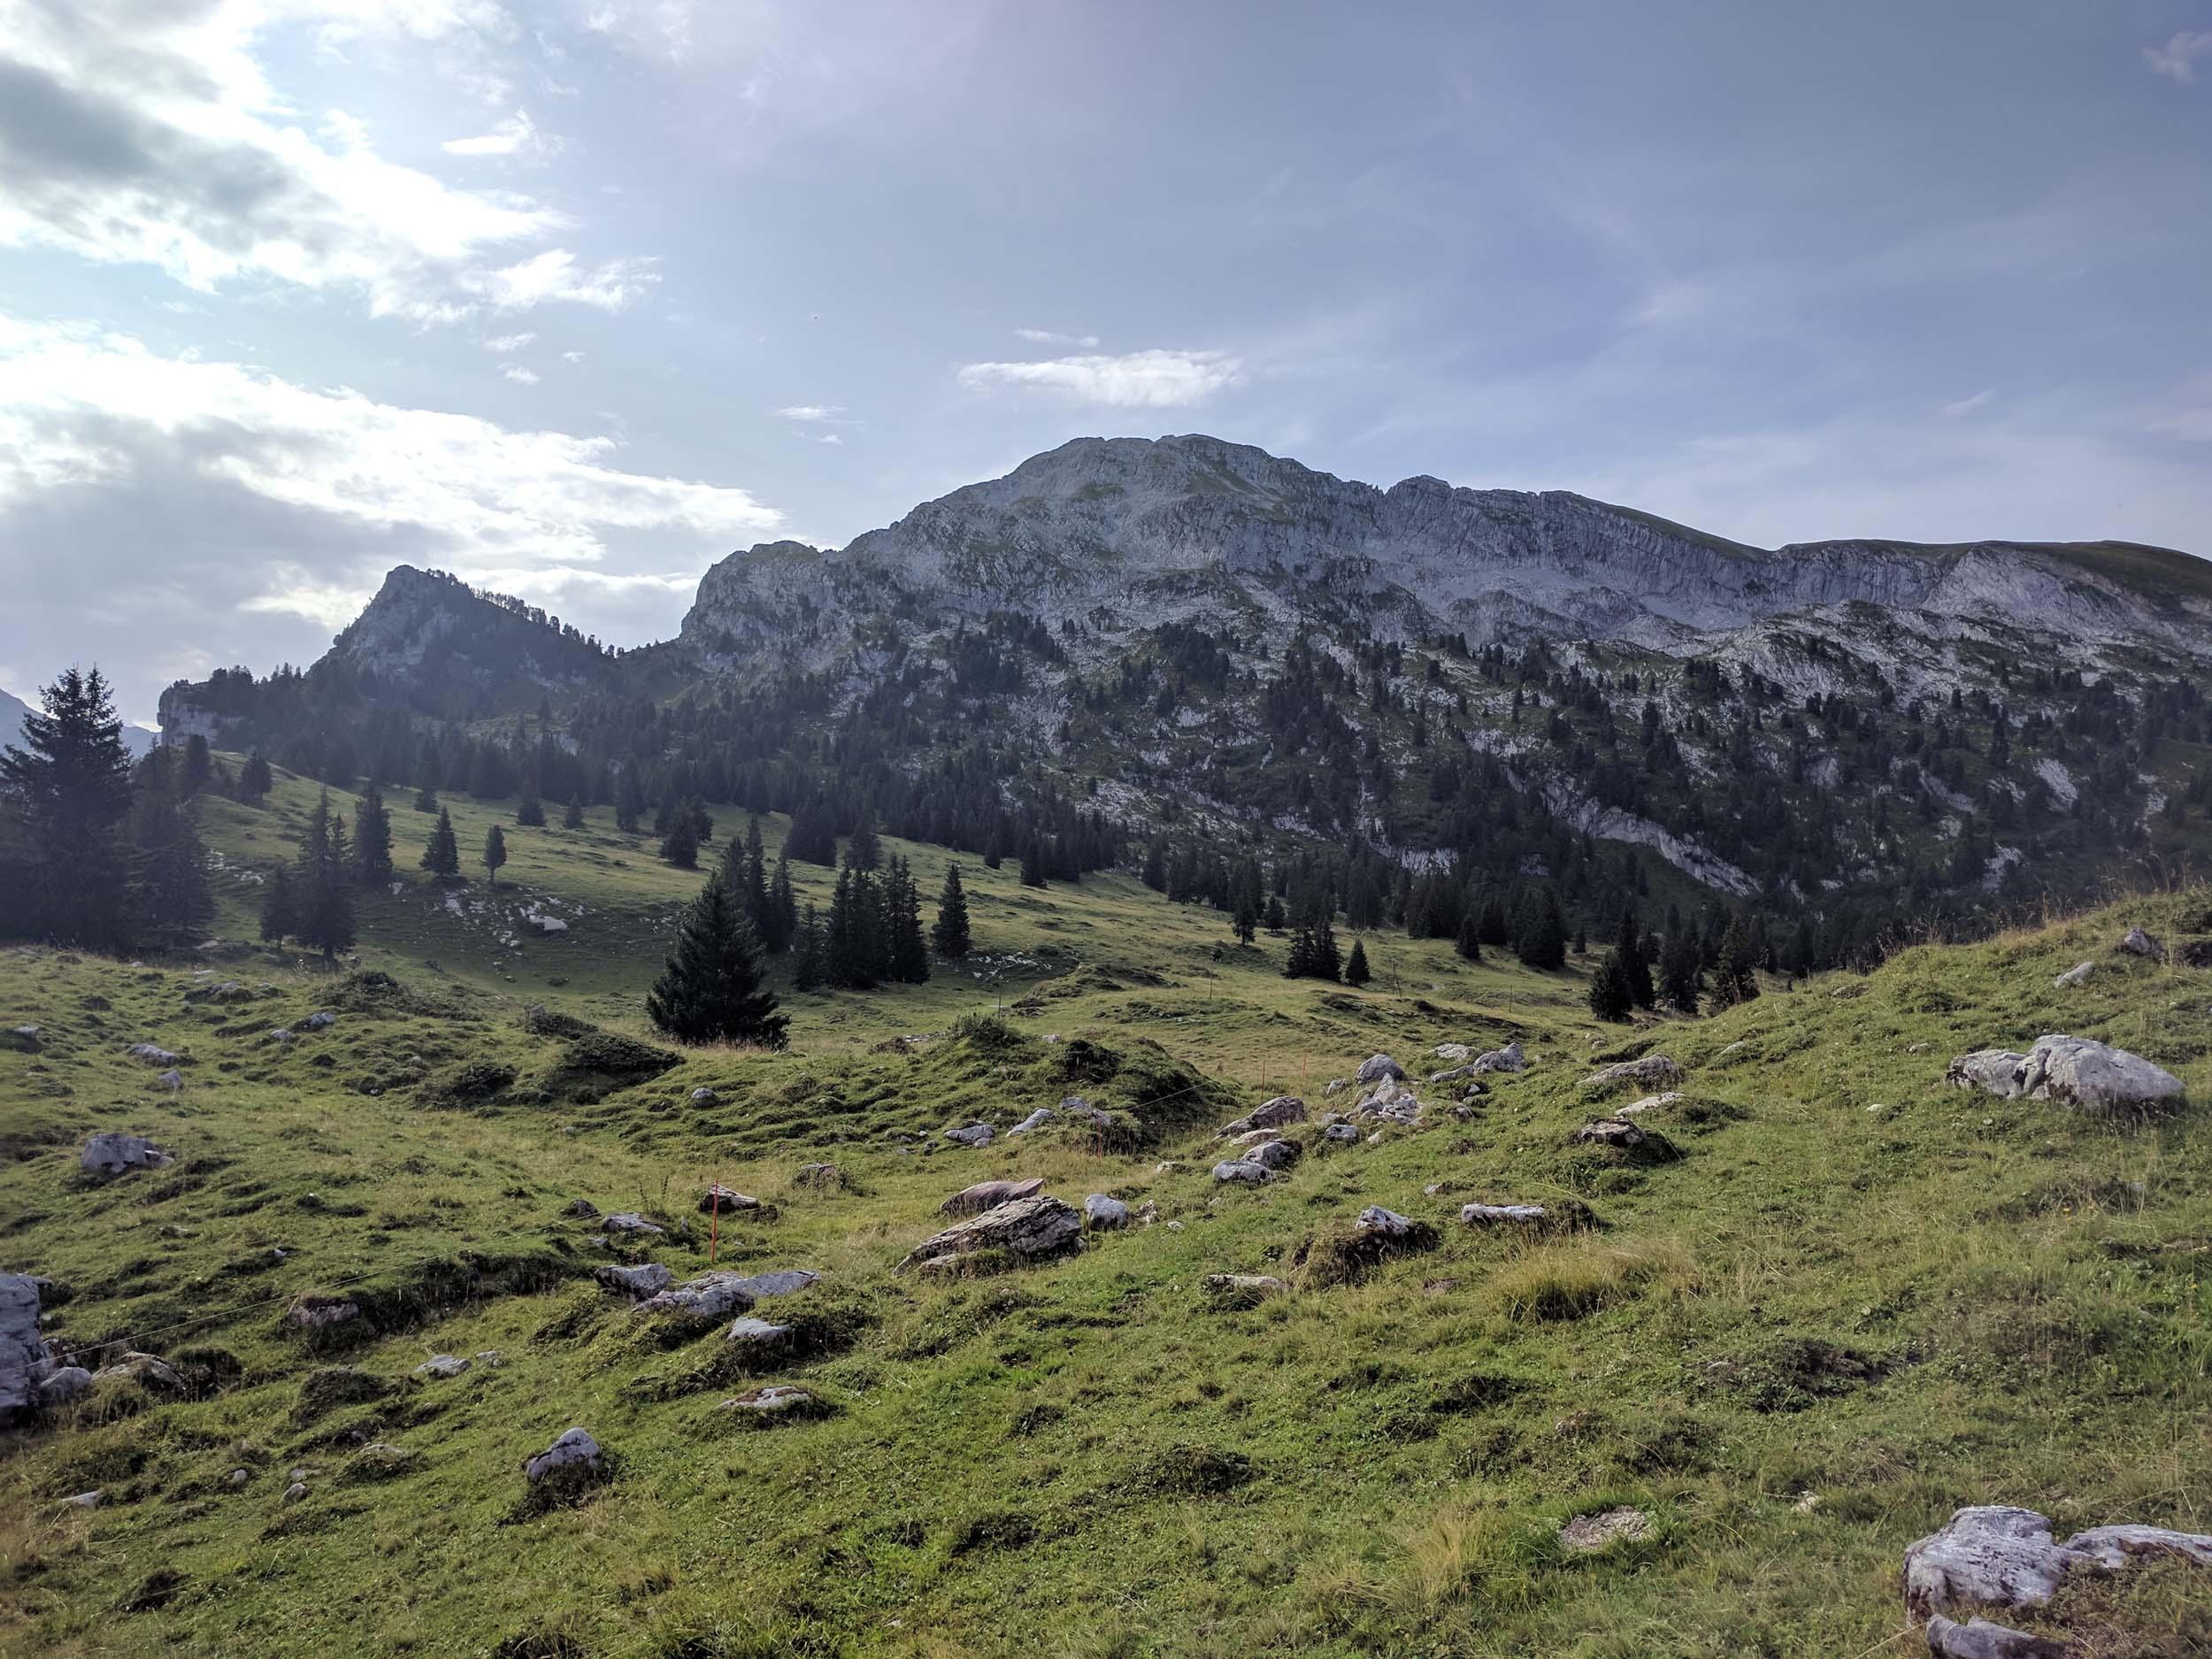 Links das Girenhorn, in der Mitte das Seehorn, und rechts der Fromattgrat